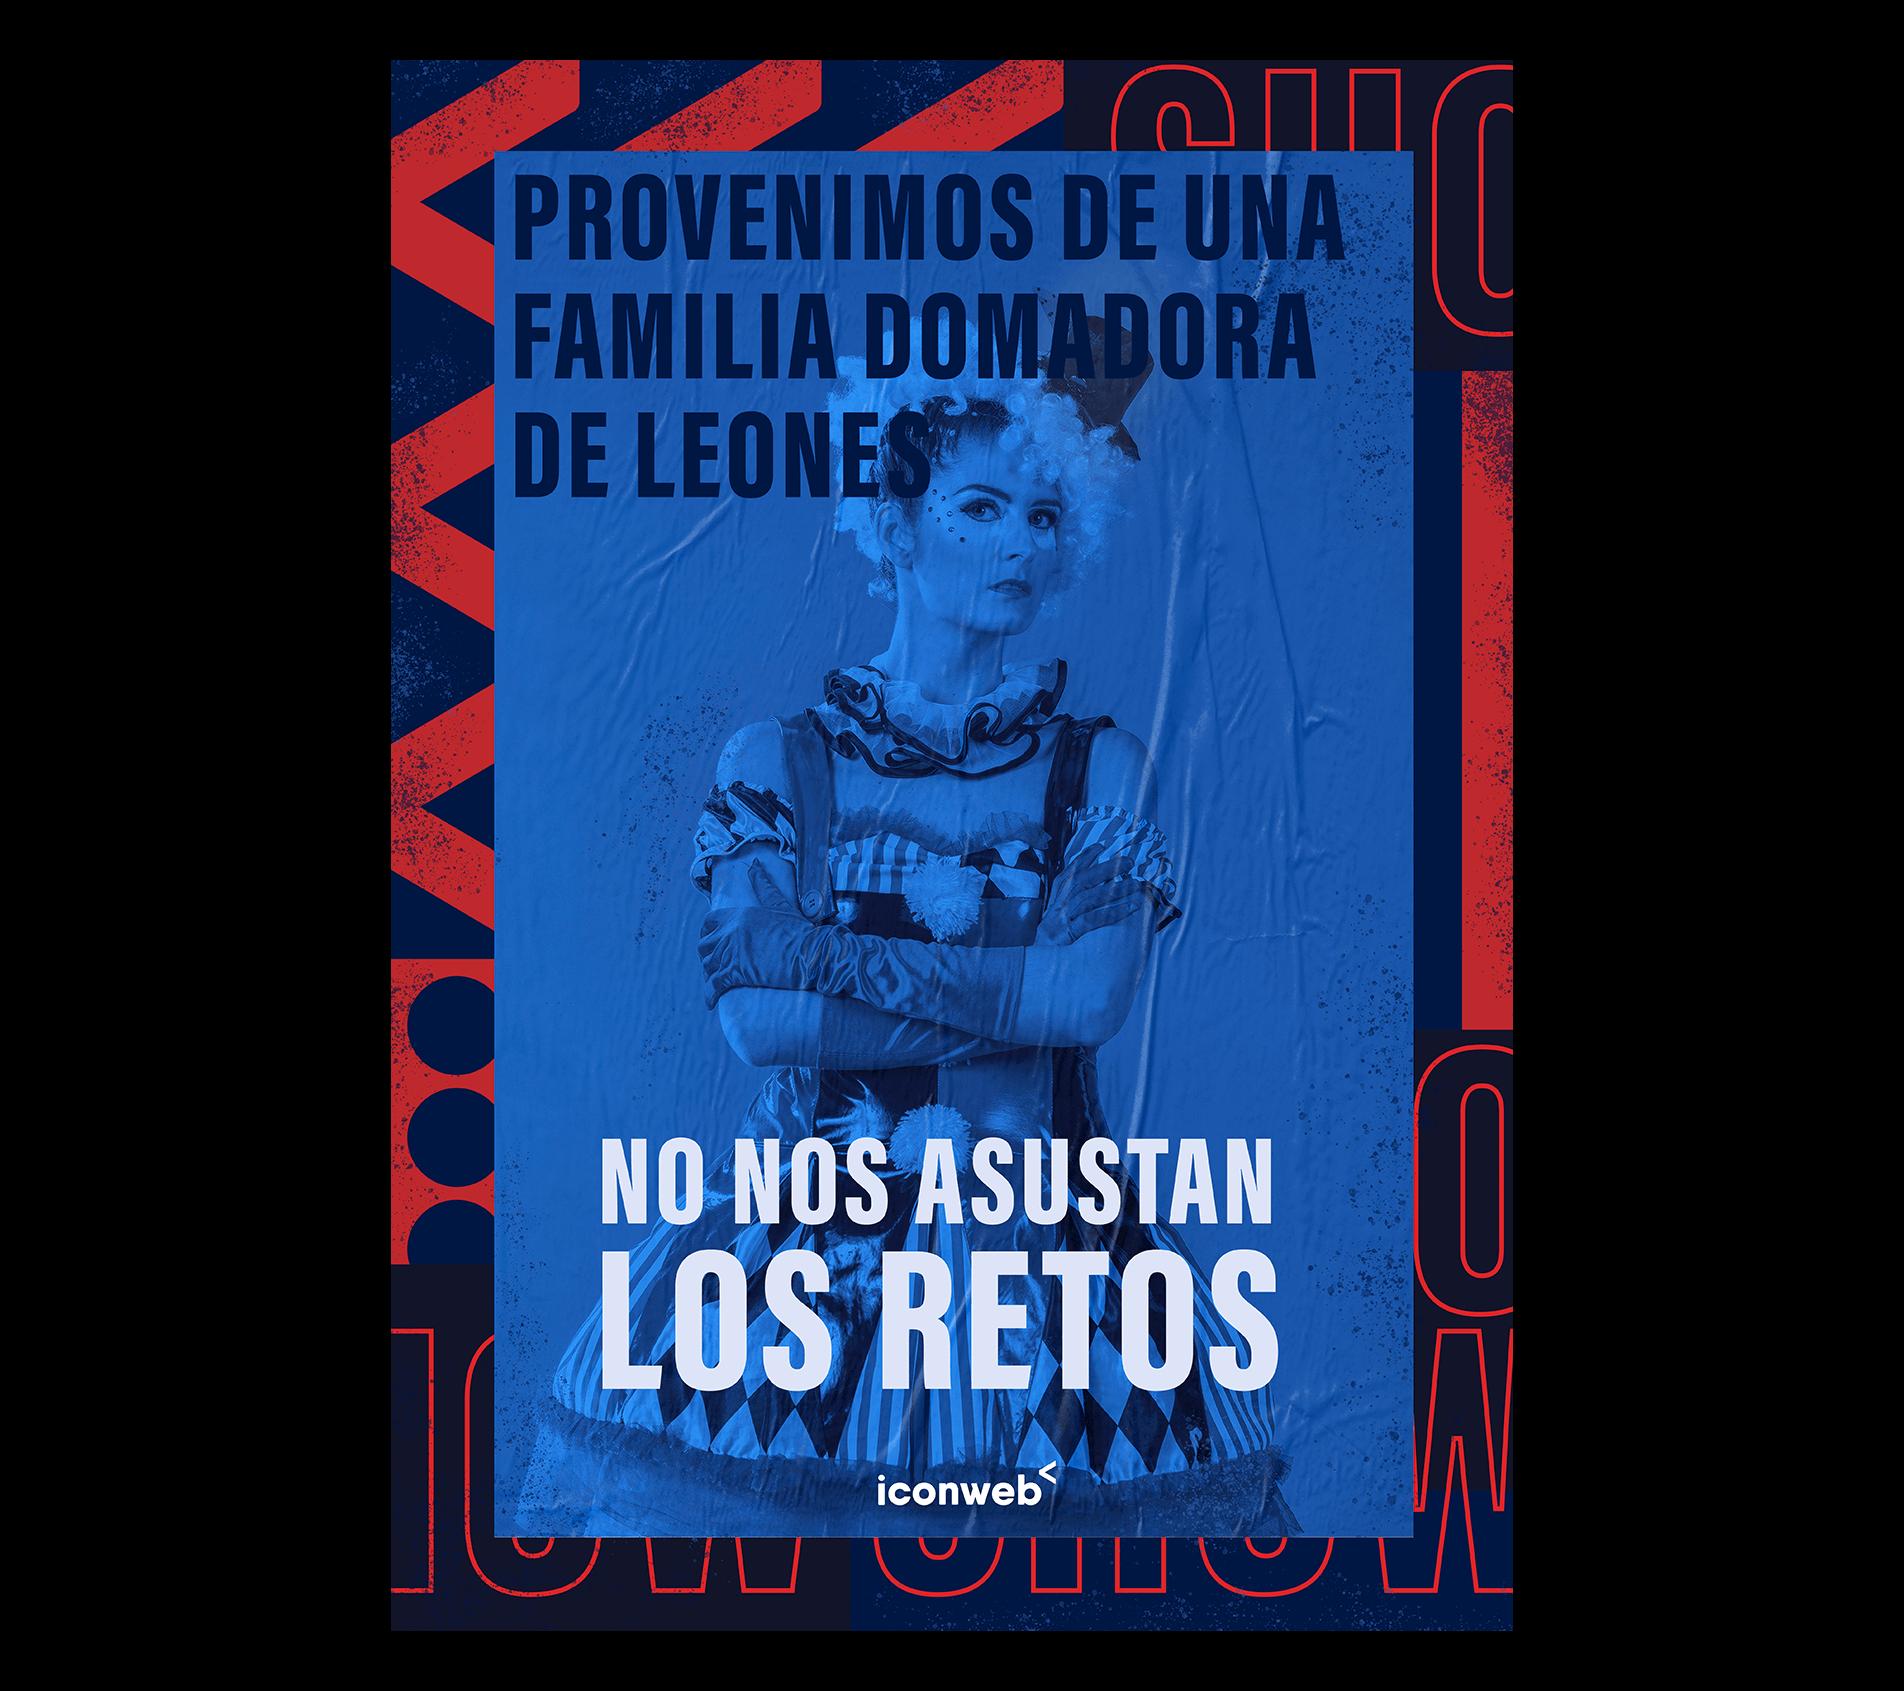 No Nos Asustan Los Retos Circus Iconweb